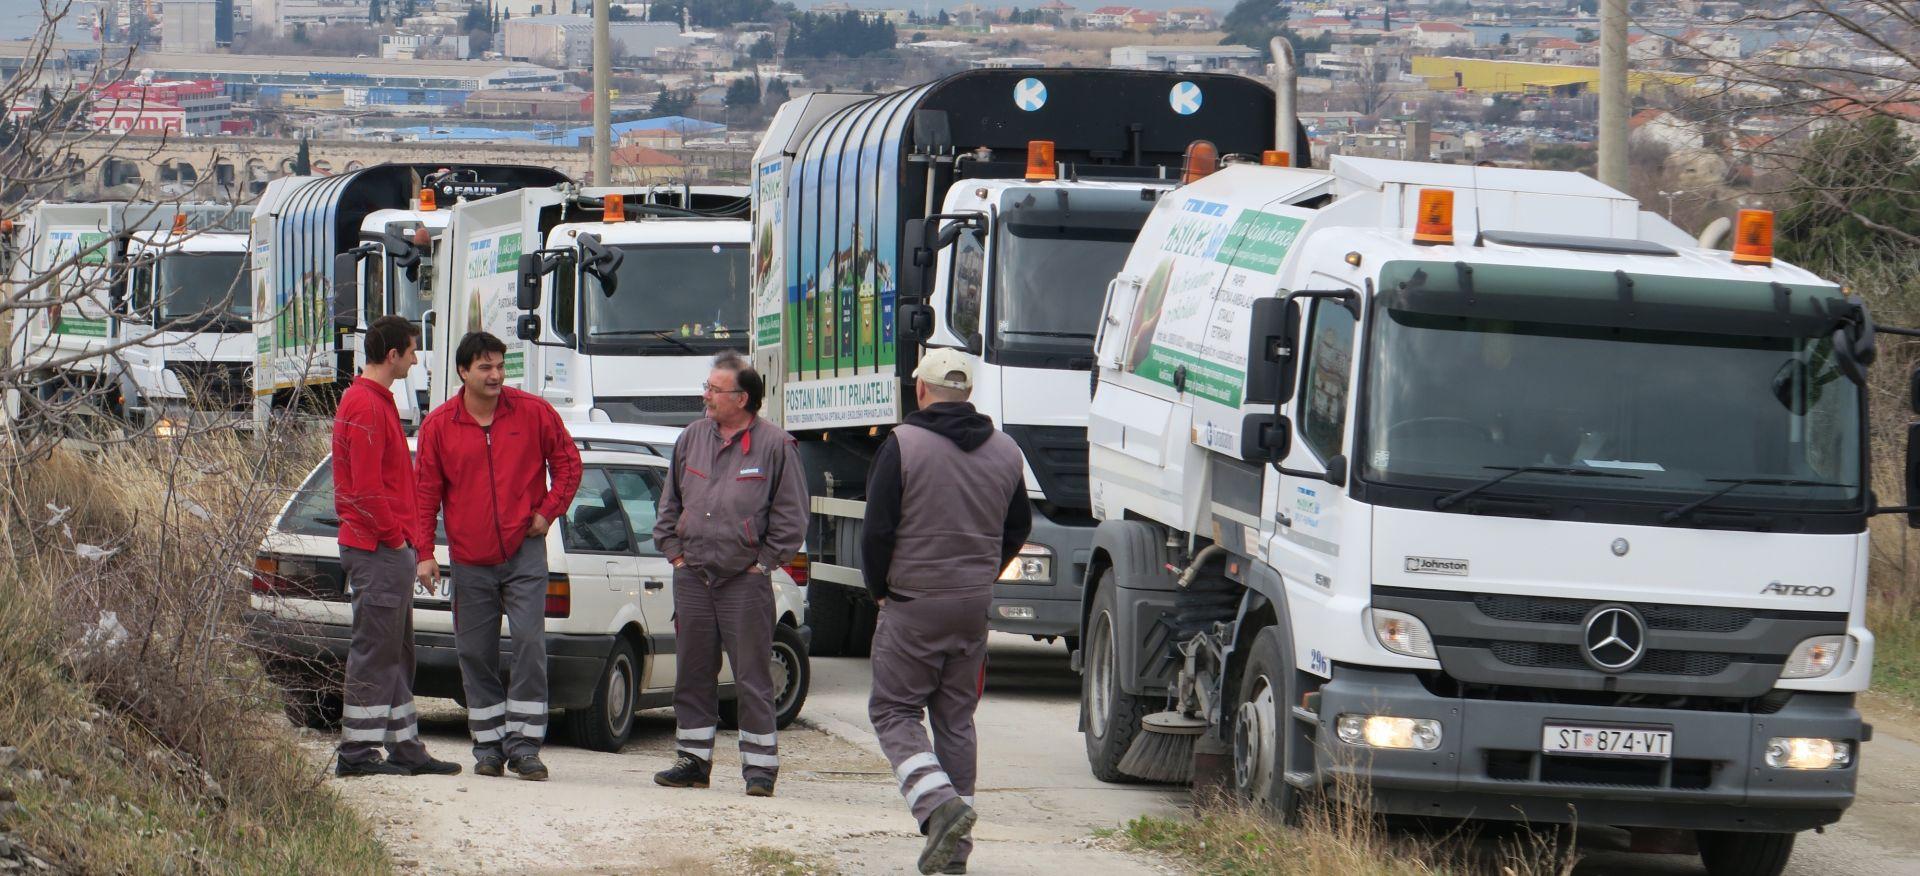 Klub HDZ-ove koalicije u Splitu: Majdandžić dezinformira javnost u vezi s Karepovcem